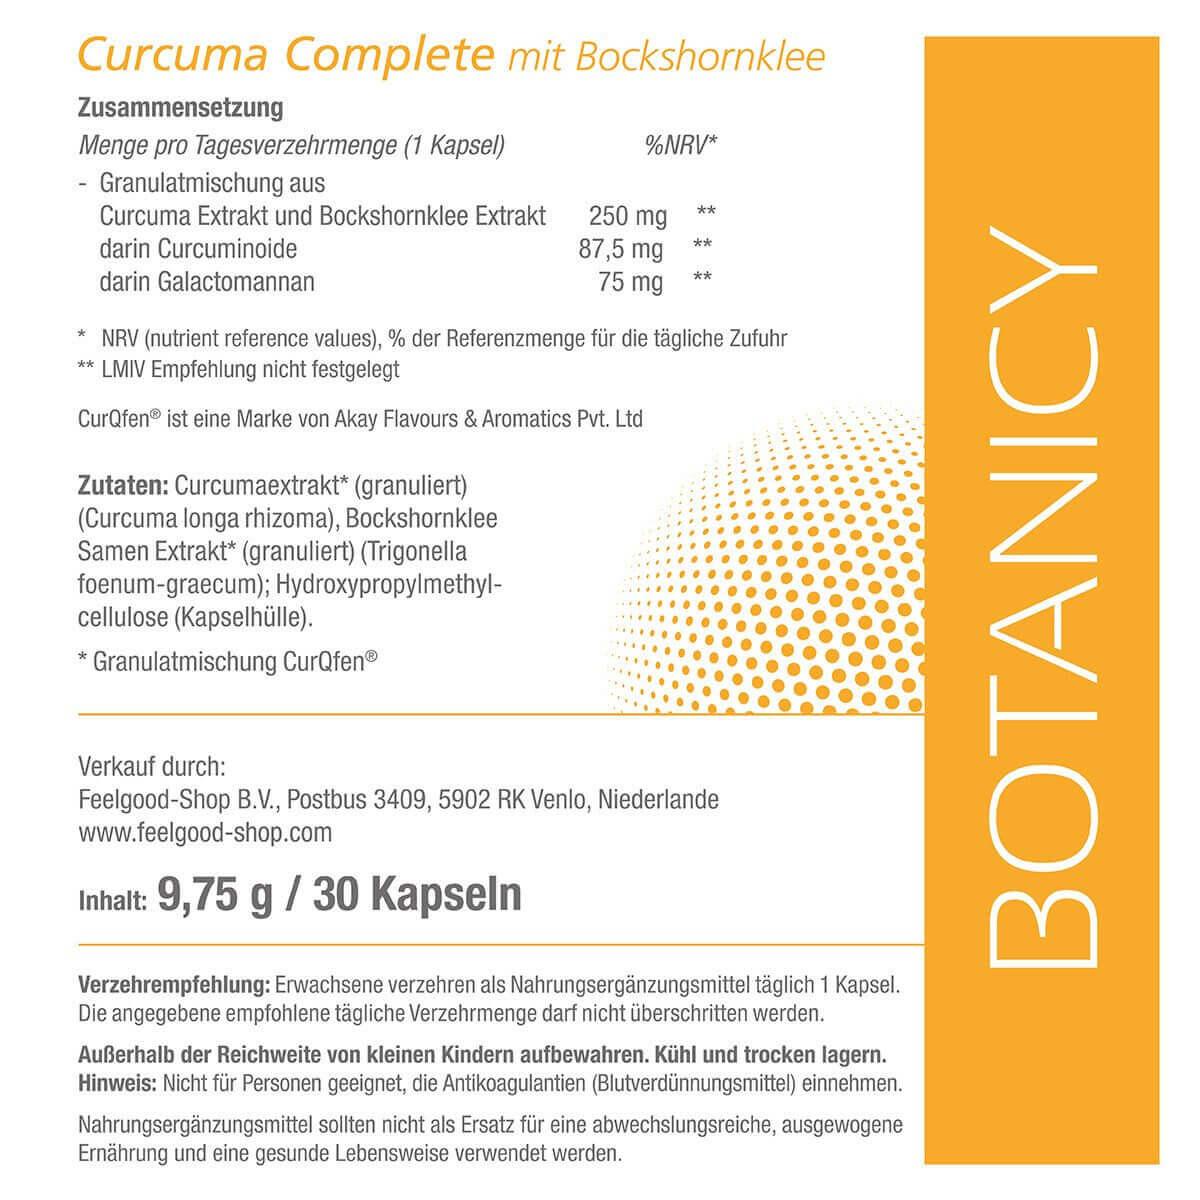 CURCUMA Complete mit Bockshornklee